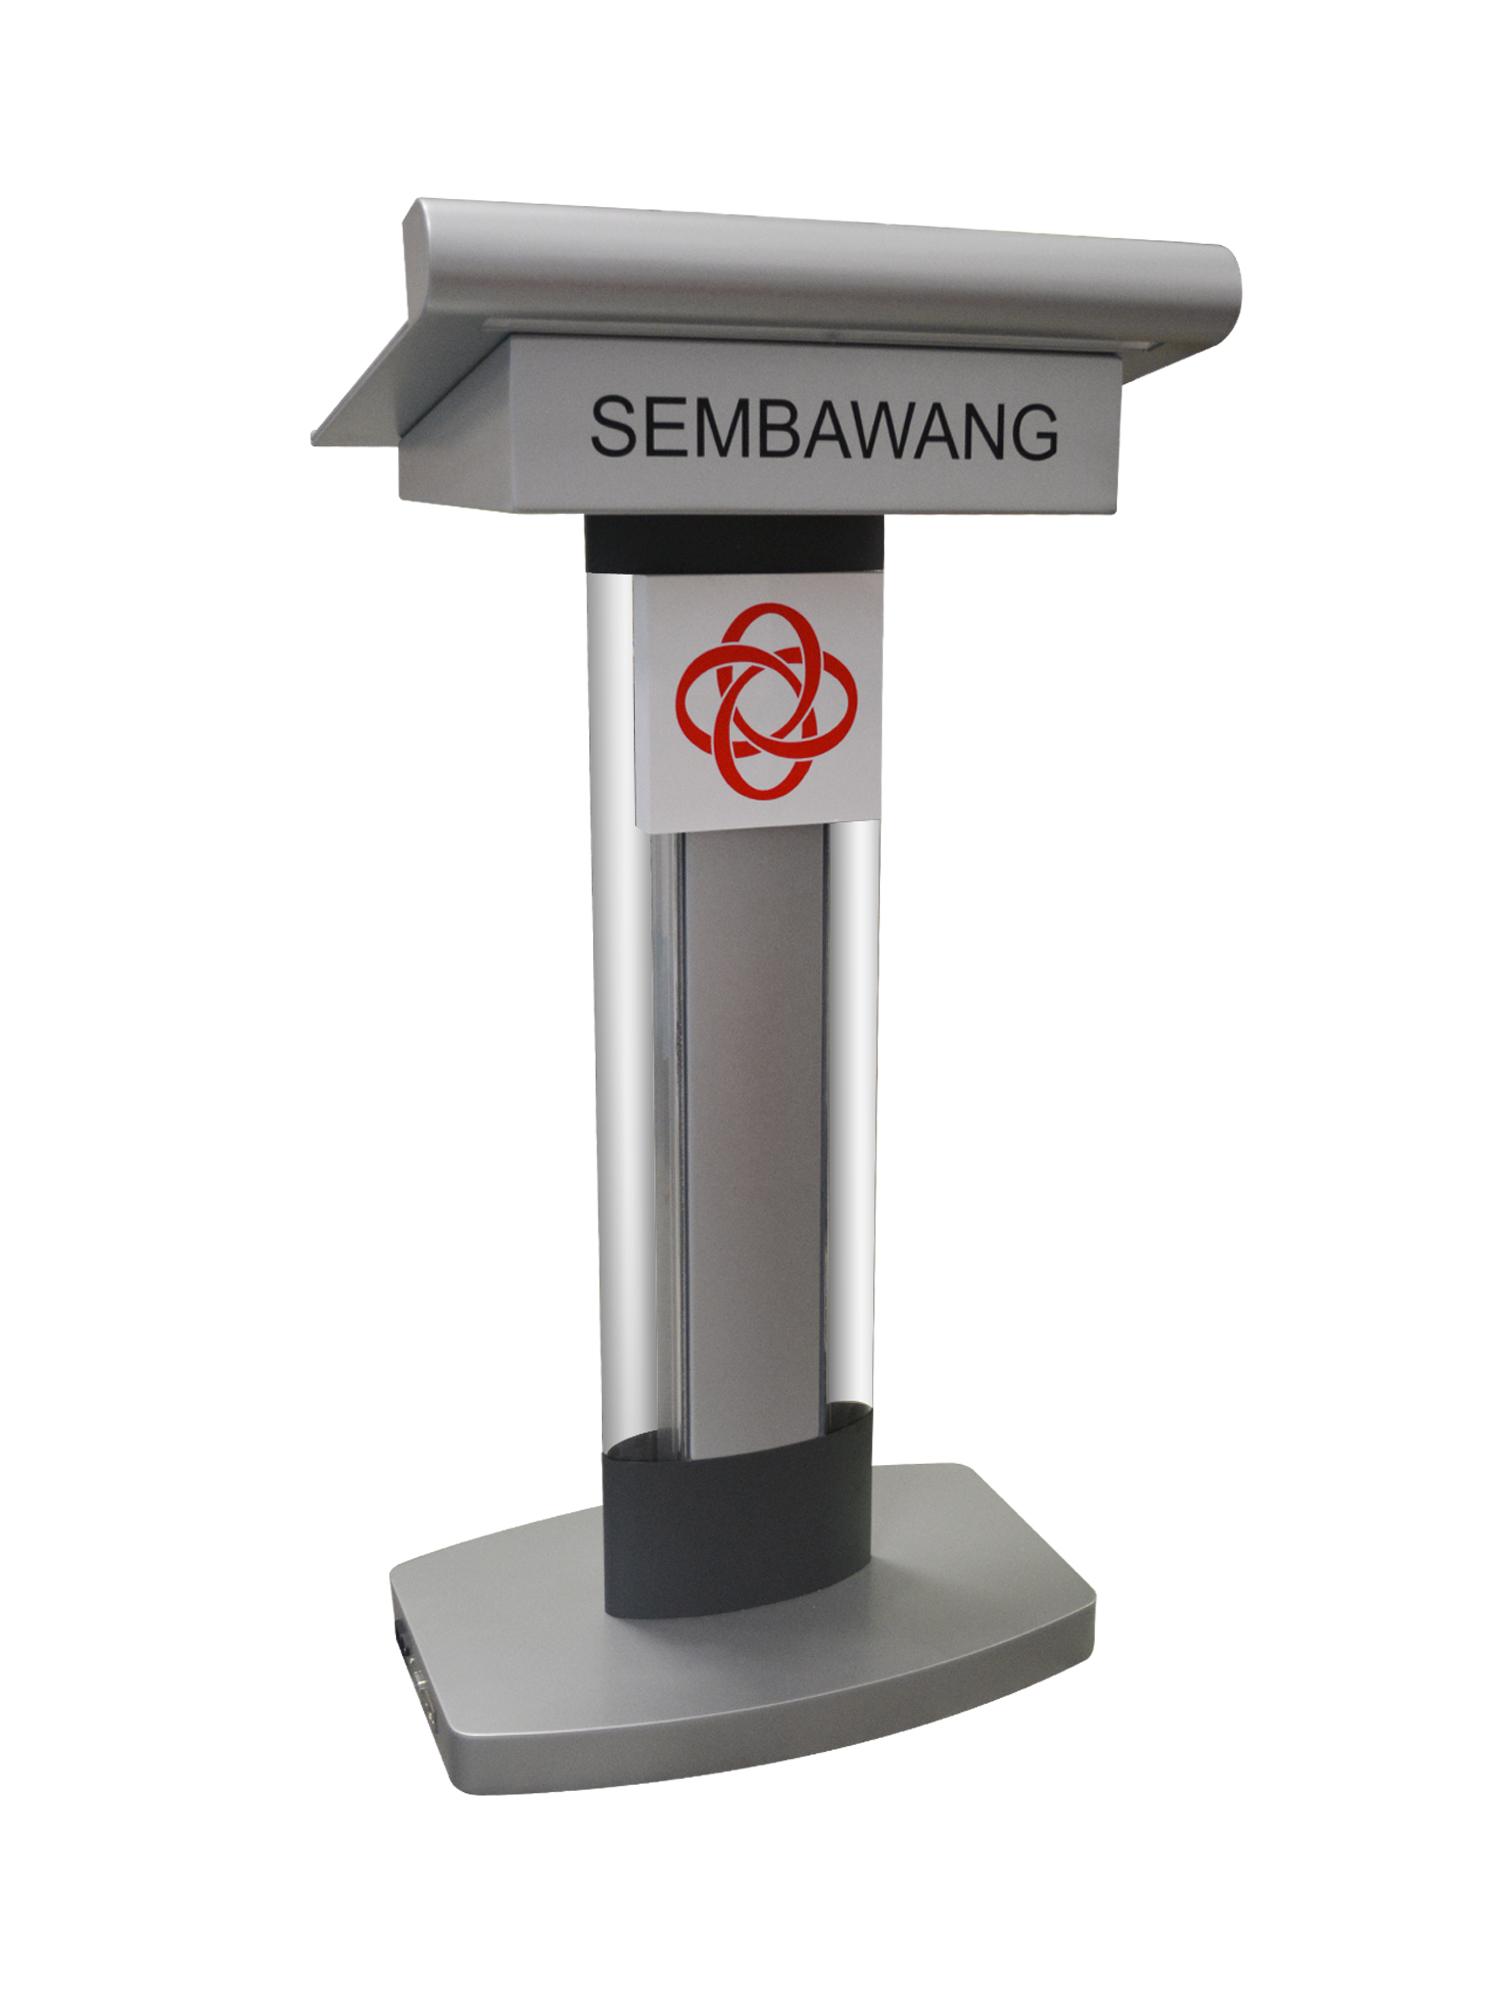 PA - Sembawang Community Club